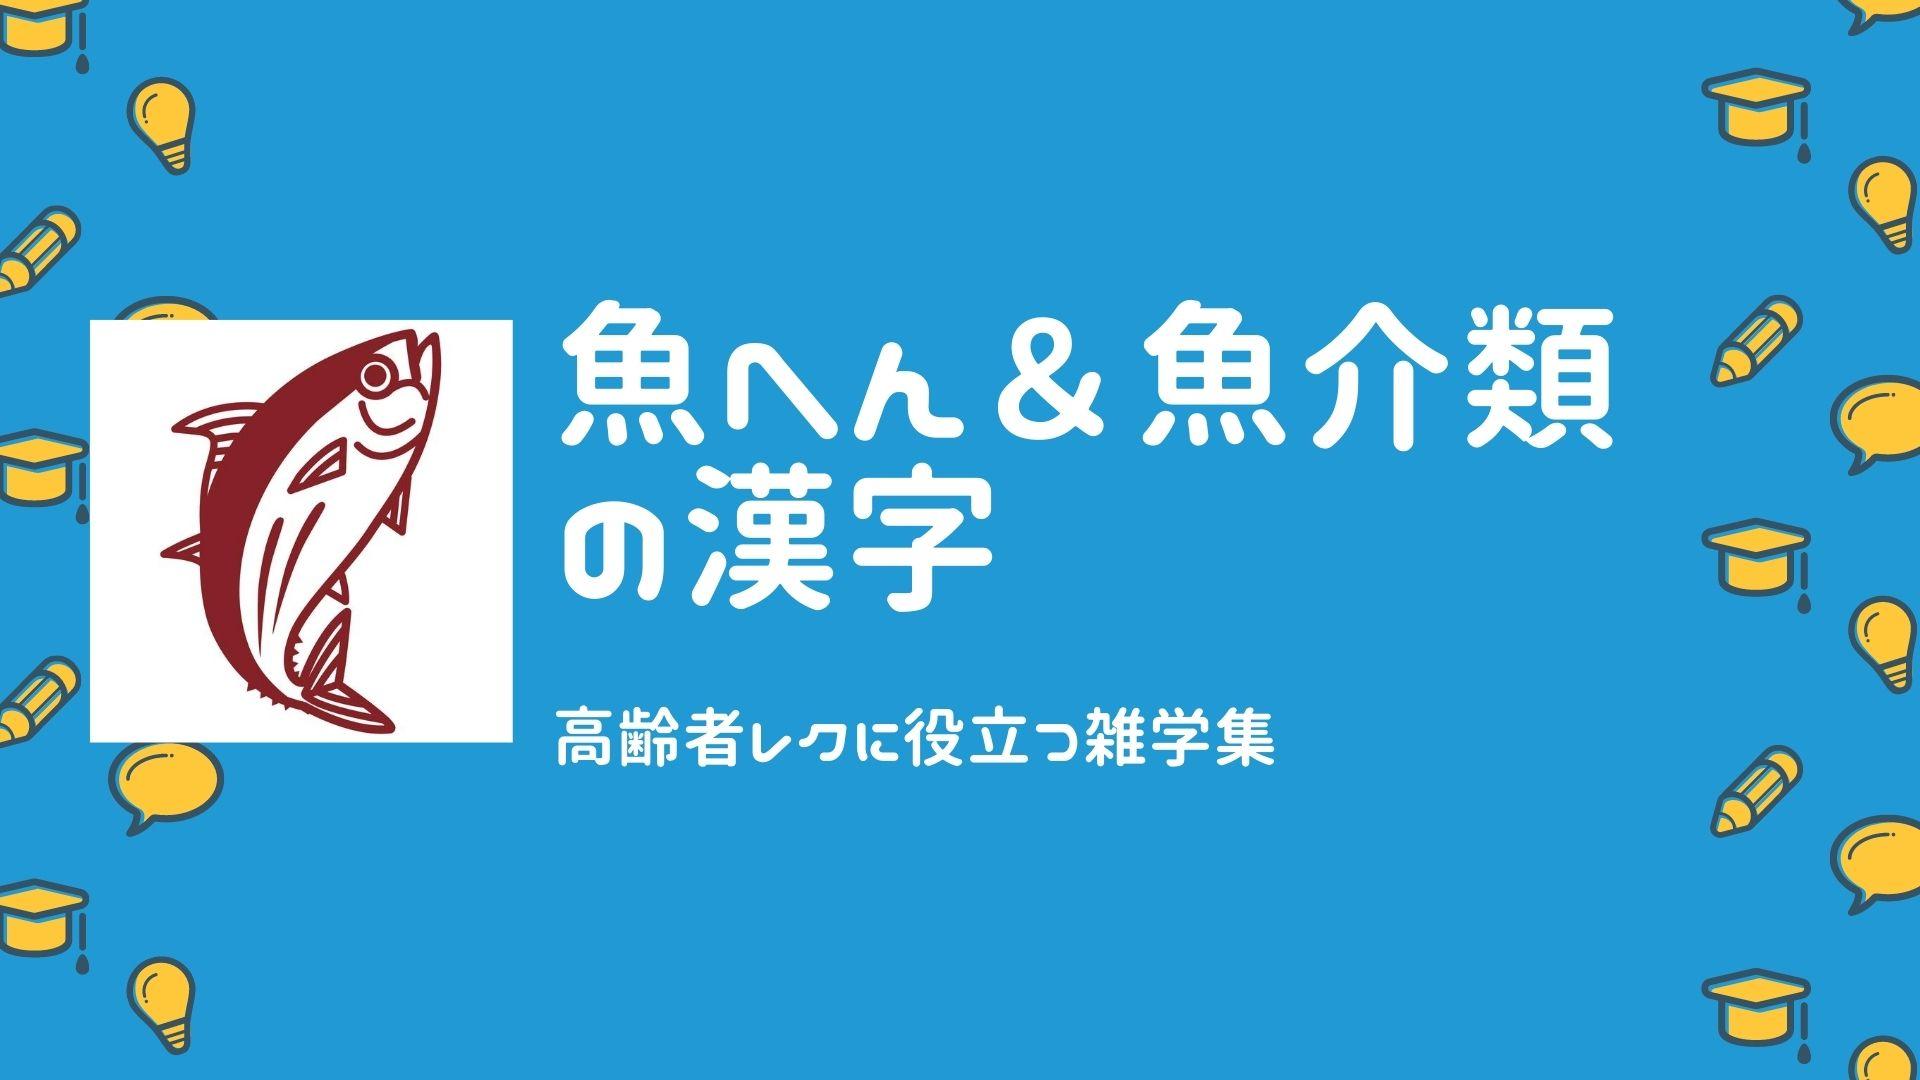 魚へんと魚介類の漢字(高齢者レクに役立つ雑学集)